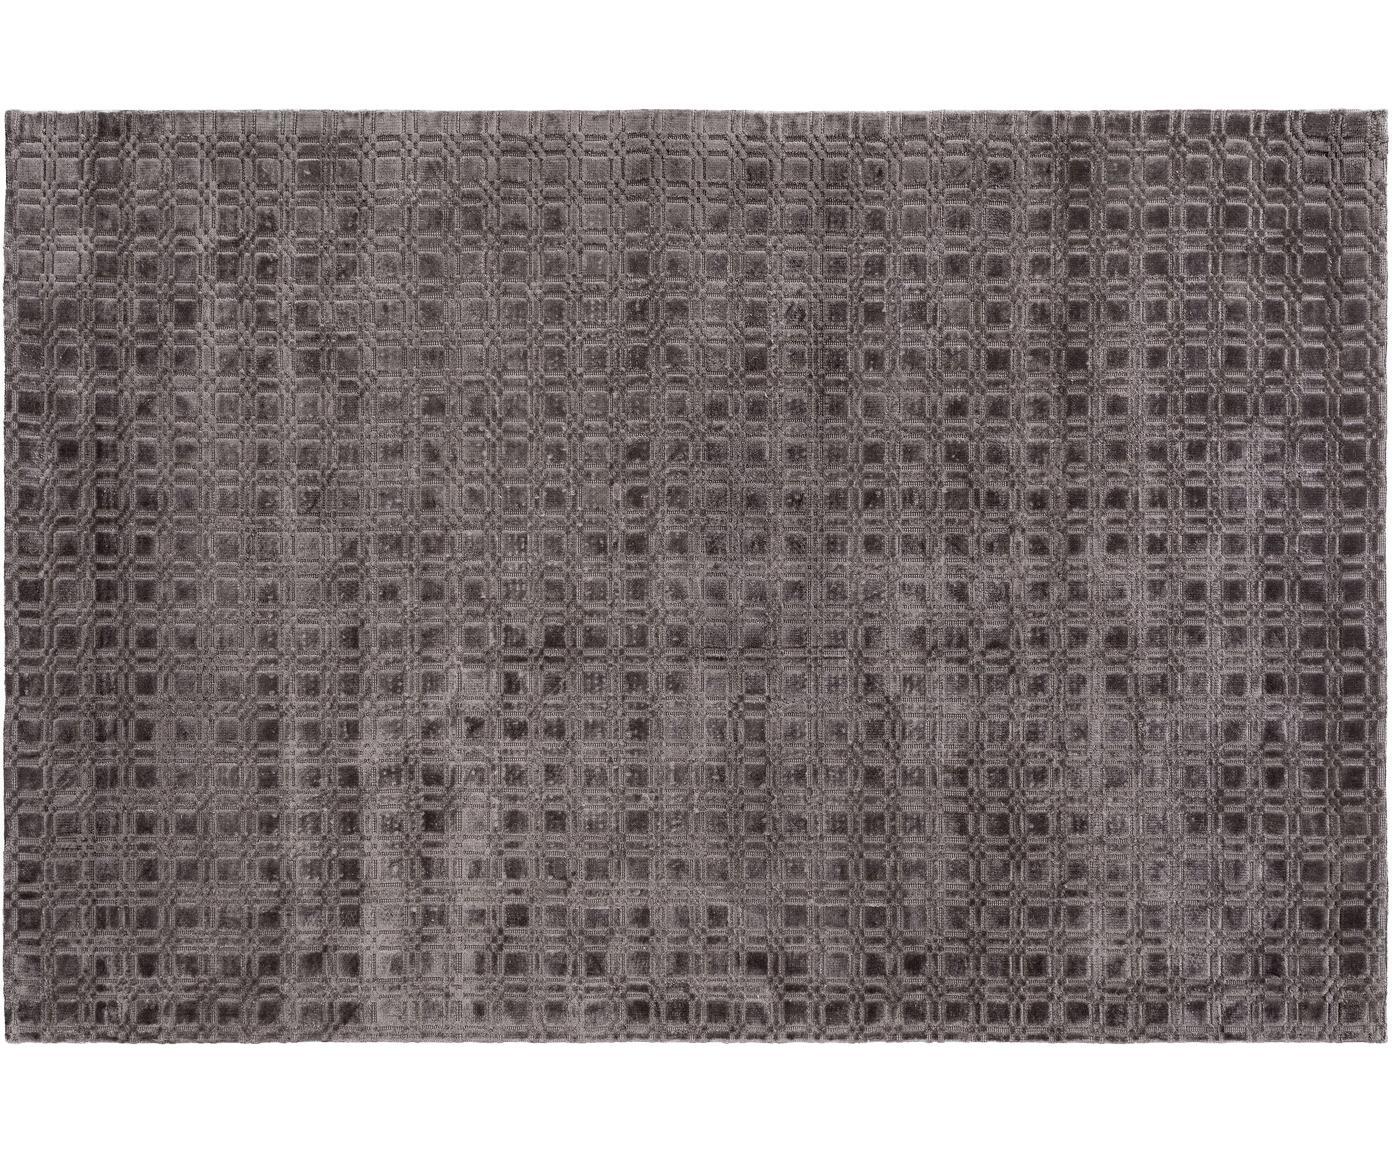 Handgeweven viscose vloerkleed Nelson, pluizig glanzend, Viscose, Grijs, B 140 x L 200 cm (maat S)